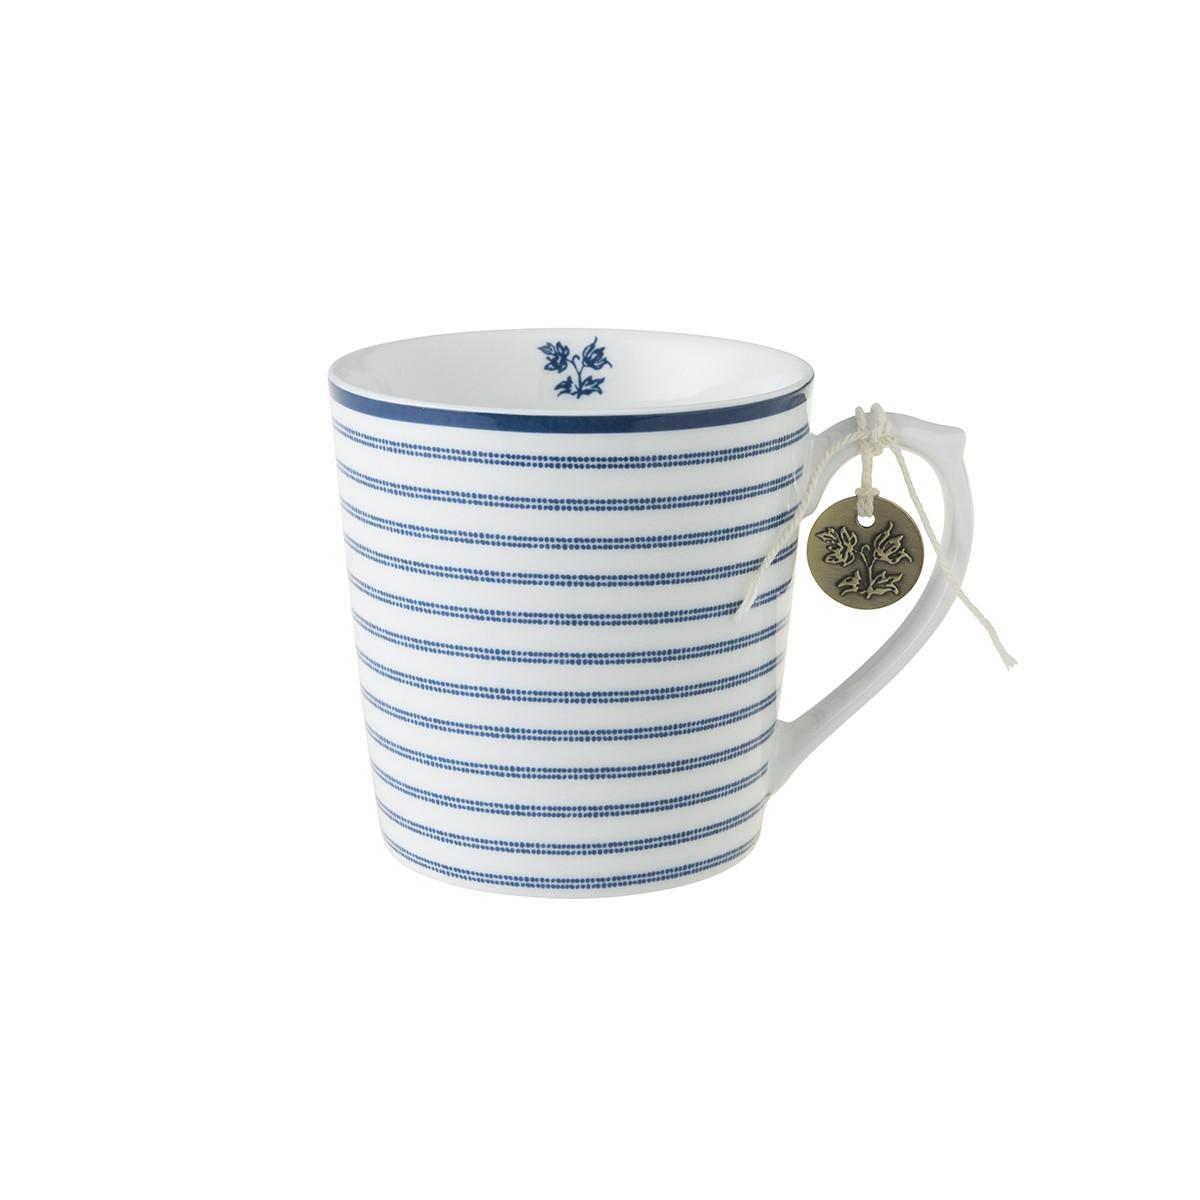 Κούπα Laura Ashley Candy Stripe Fine Bone China 320ml home   ειδη cafe τσαϊ   κούπες   φλυτζάνια